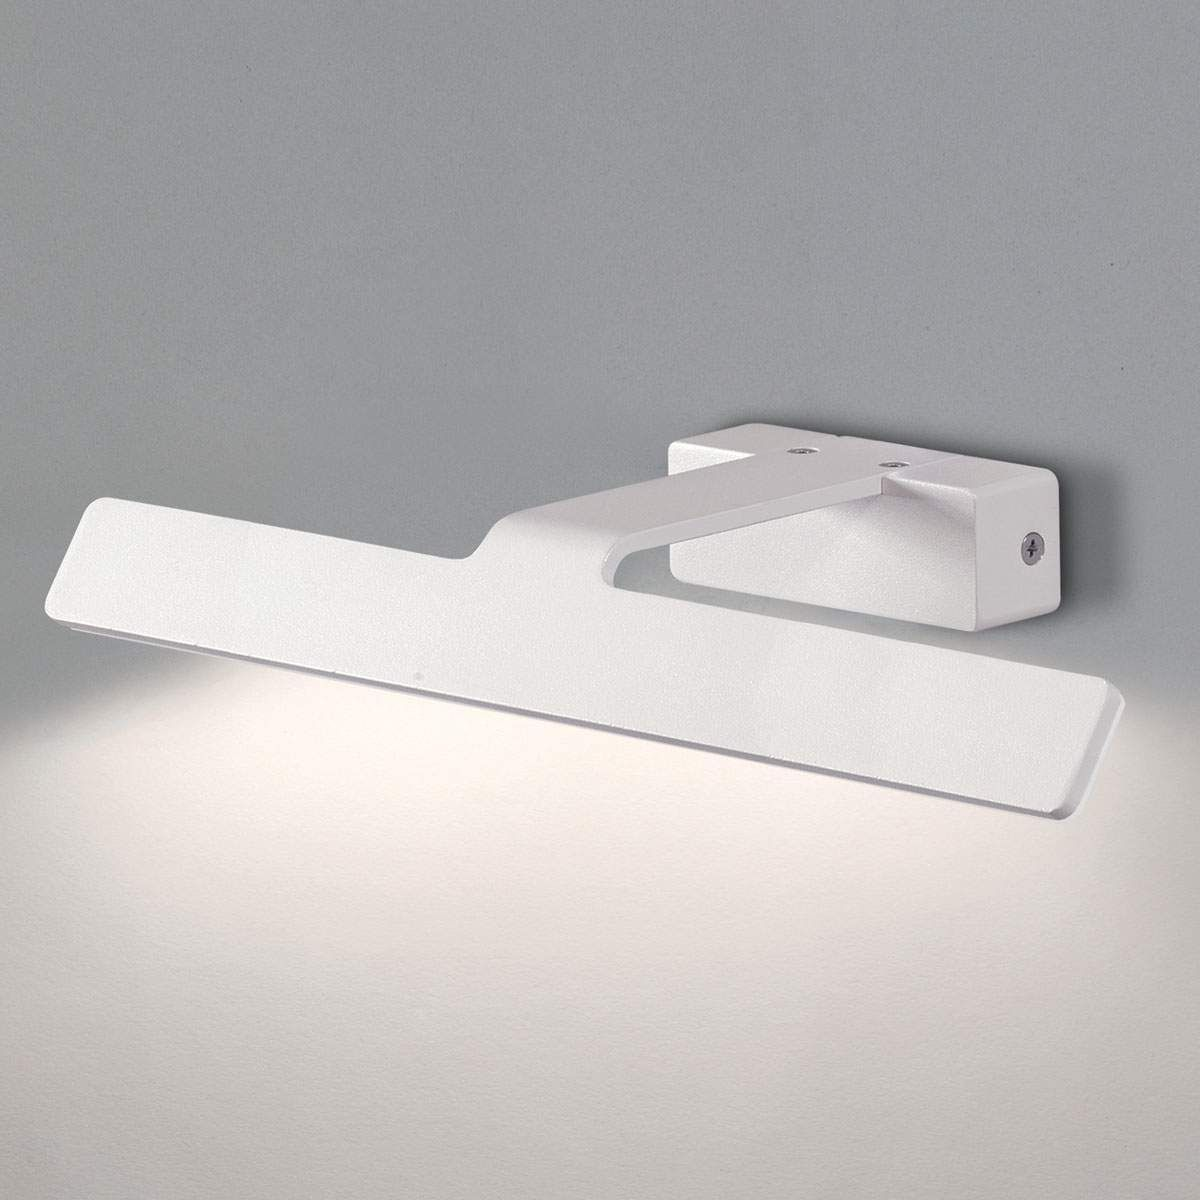 Moderne Bilderleuchte Neus Von Acb Iluminacion Weiss Licht In 2019 Led Gartenstrahler Led Und Bodeneinbauleuchten